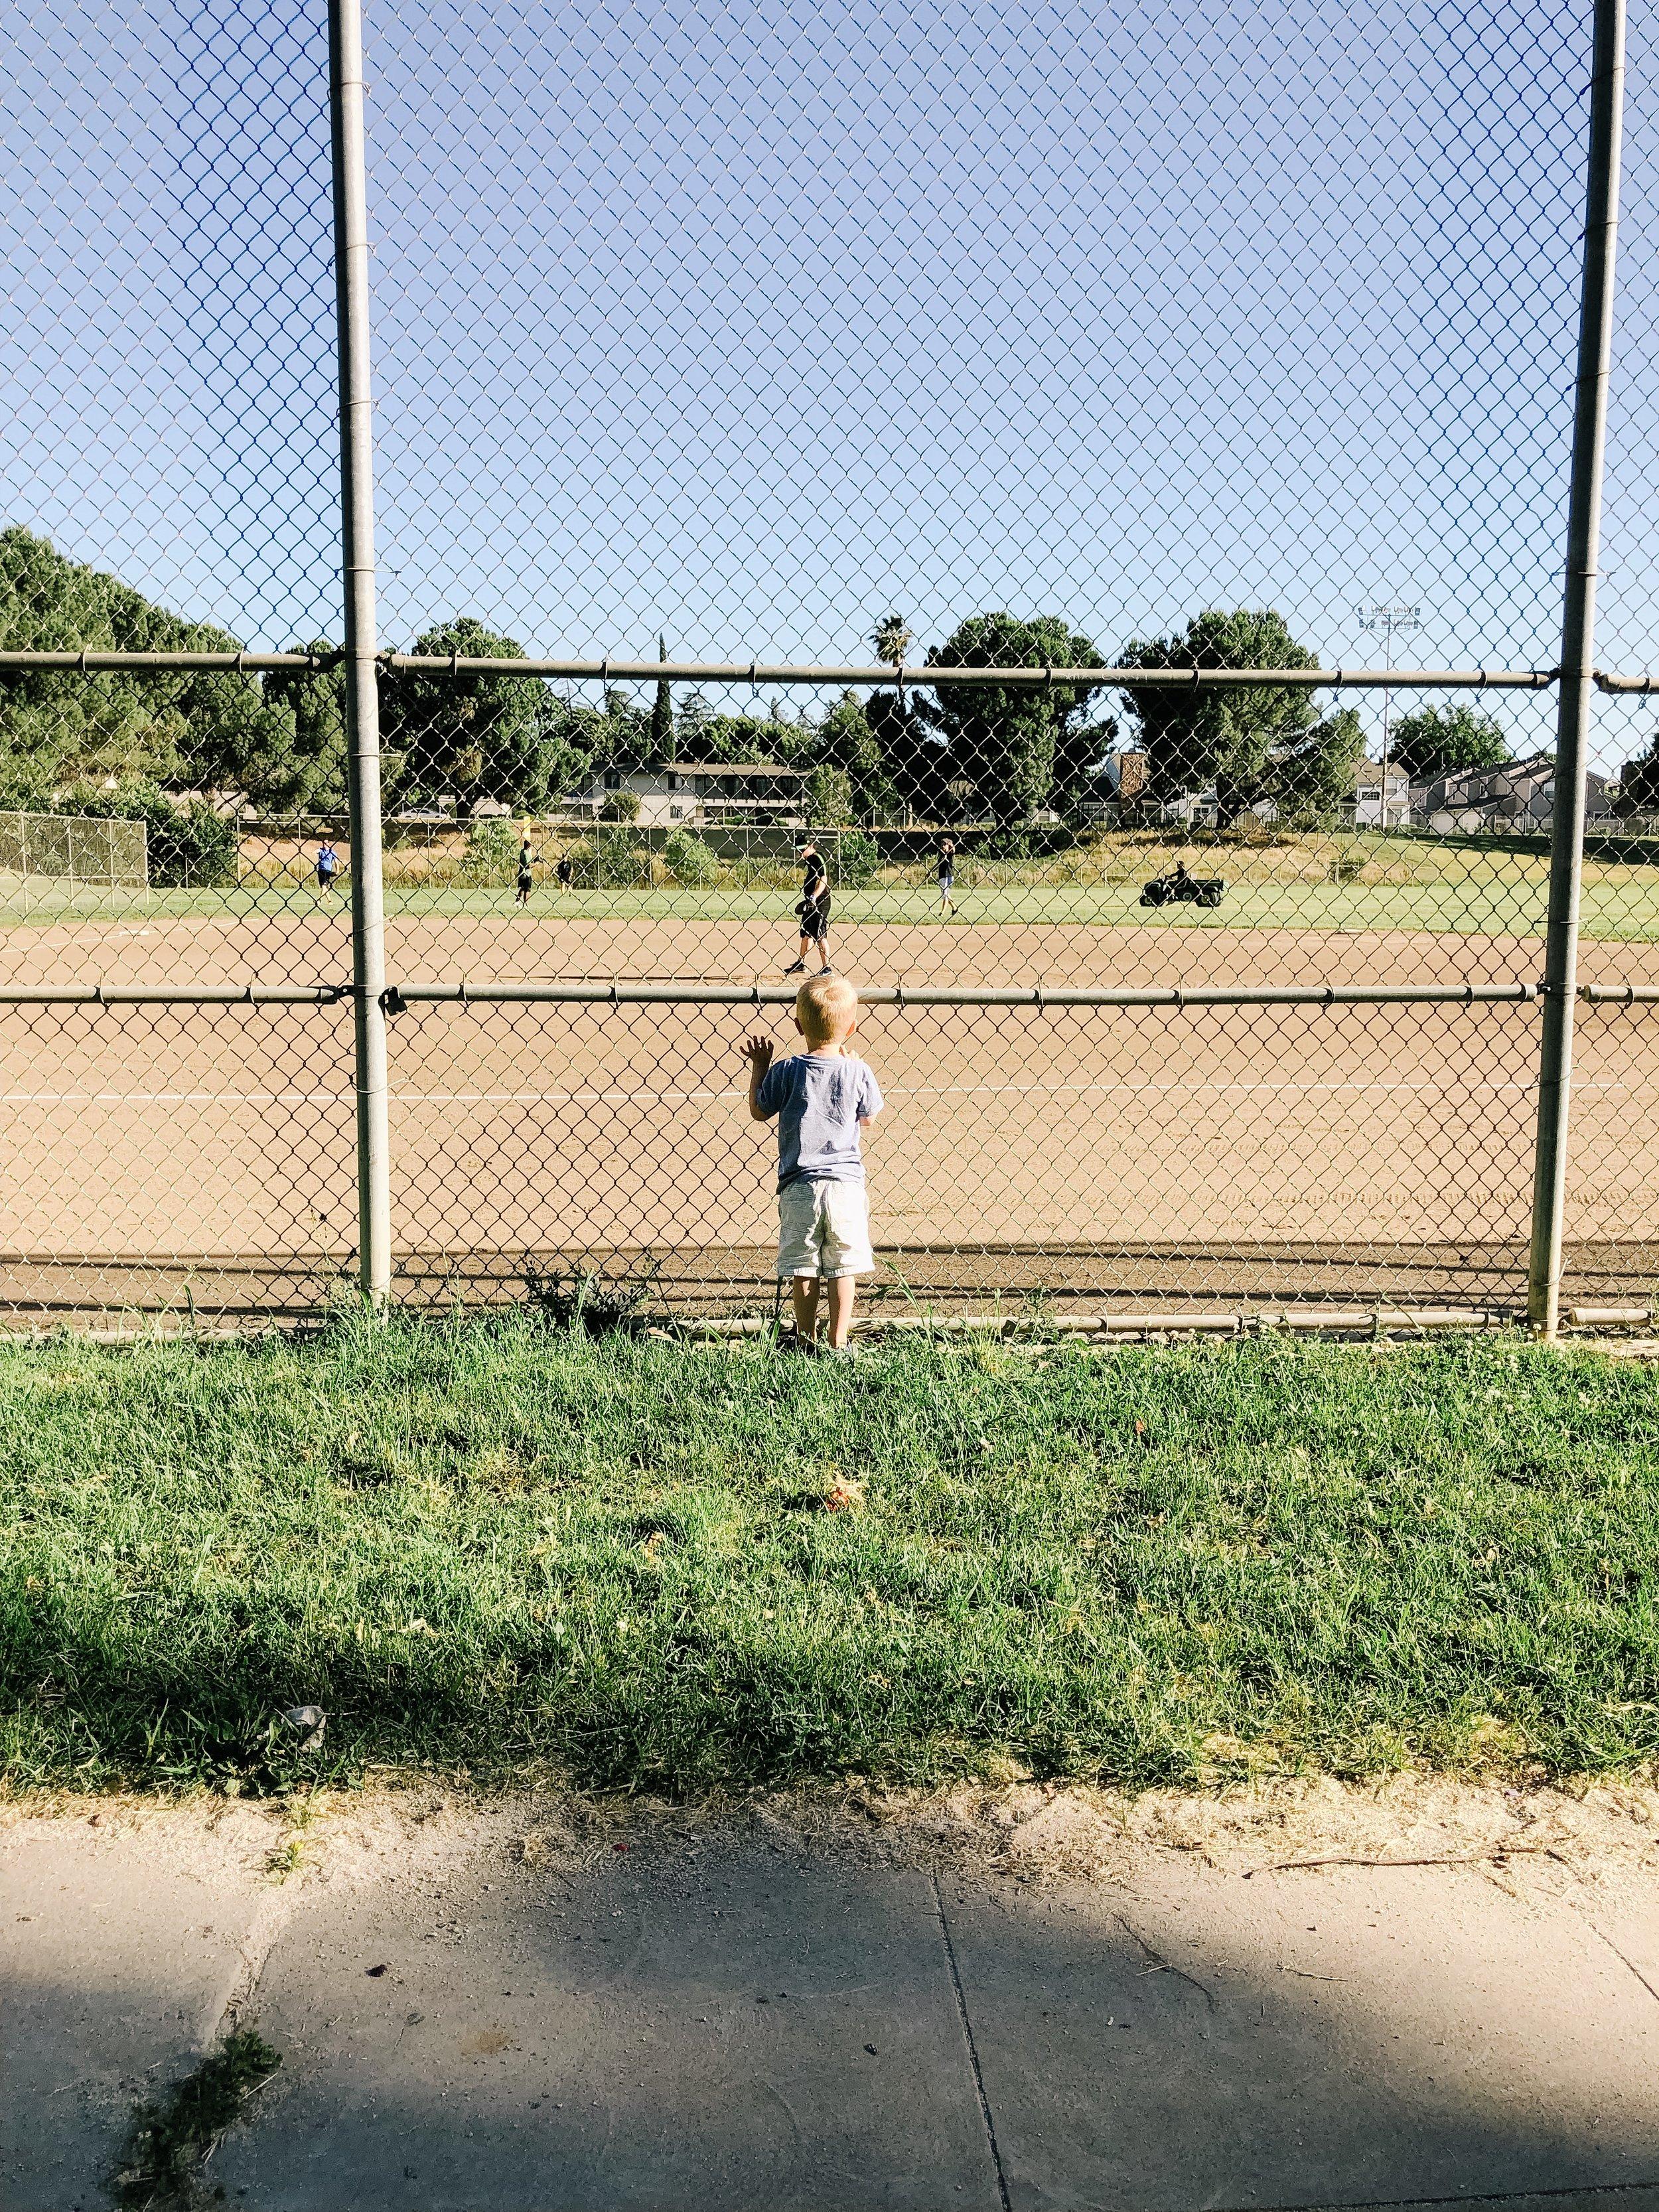 Boy watching baseball